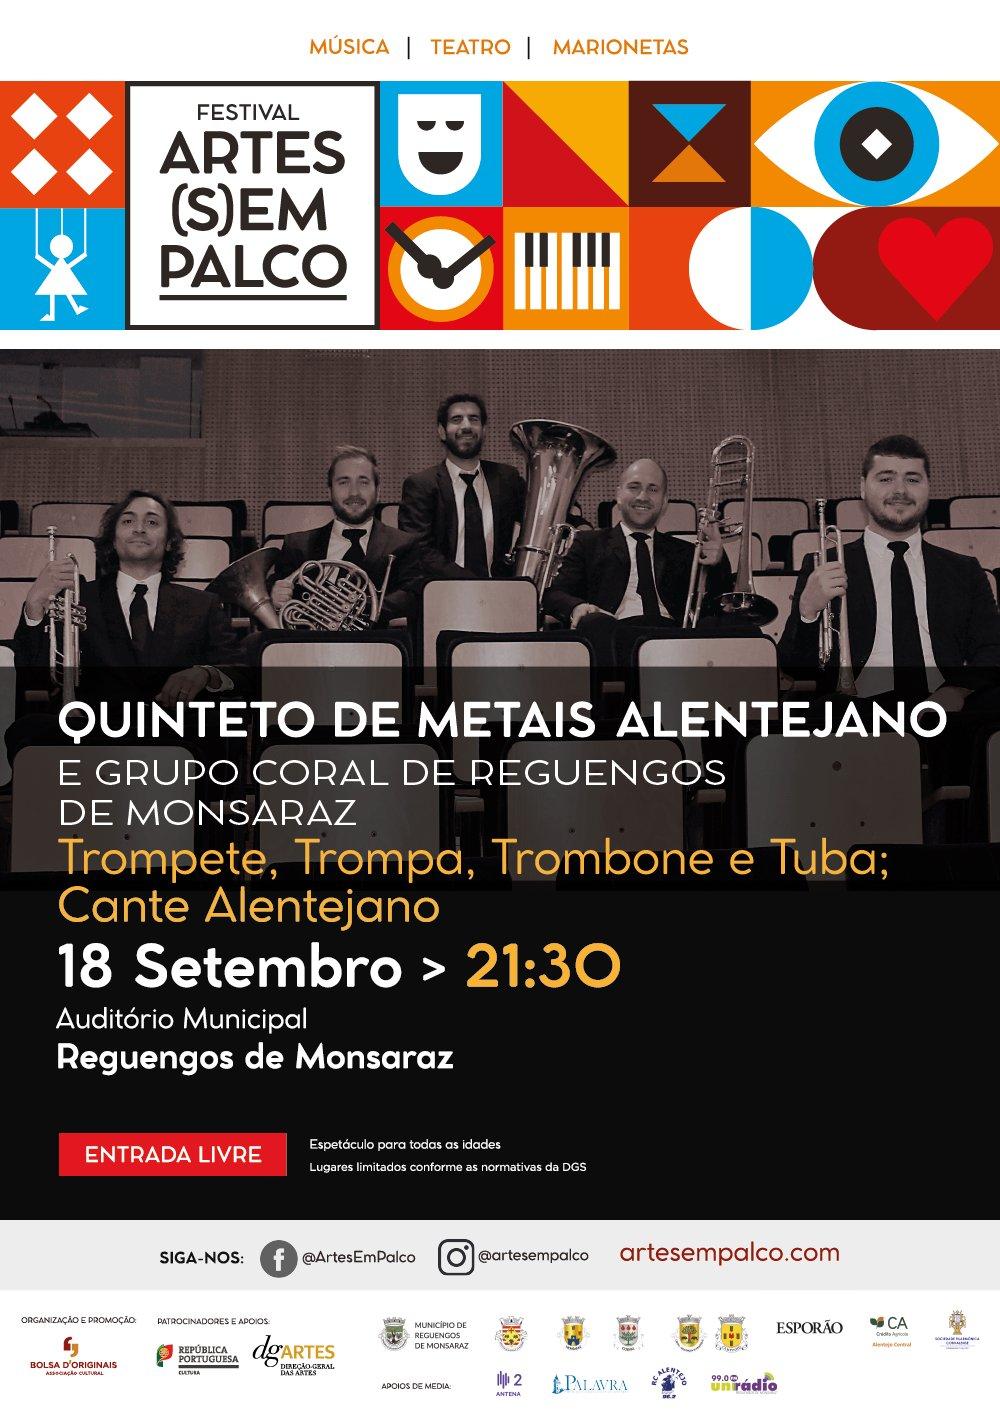 Festival Arte(s)em Palco: Quinteto de Metais Alentejano com Grupo Coral de Reguengos de Monsaraz